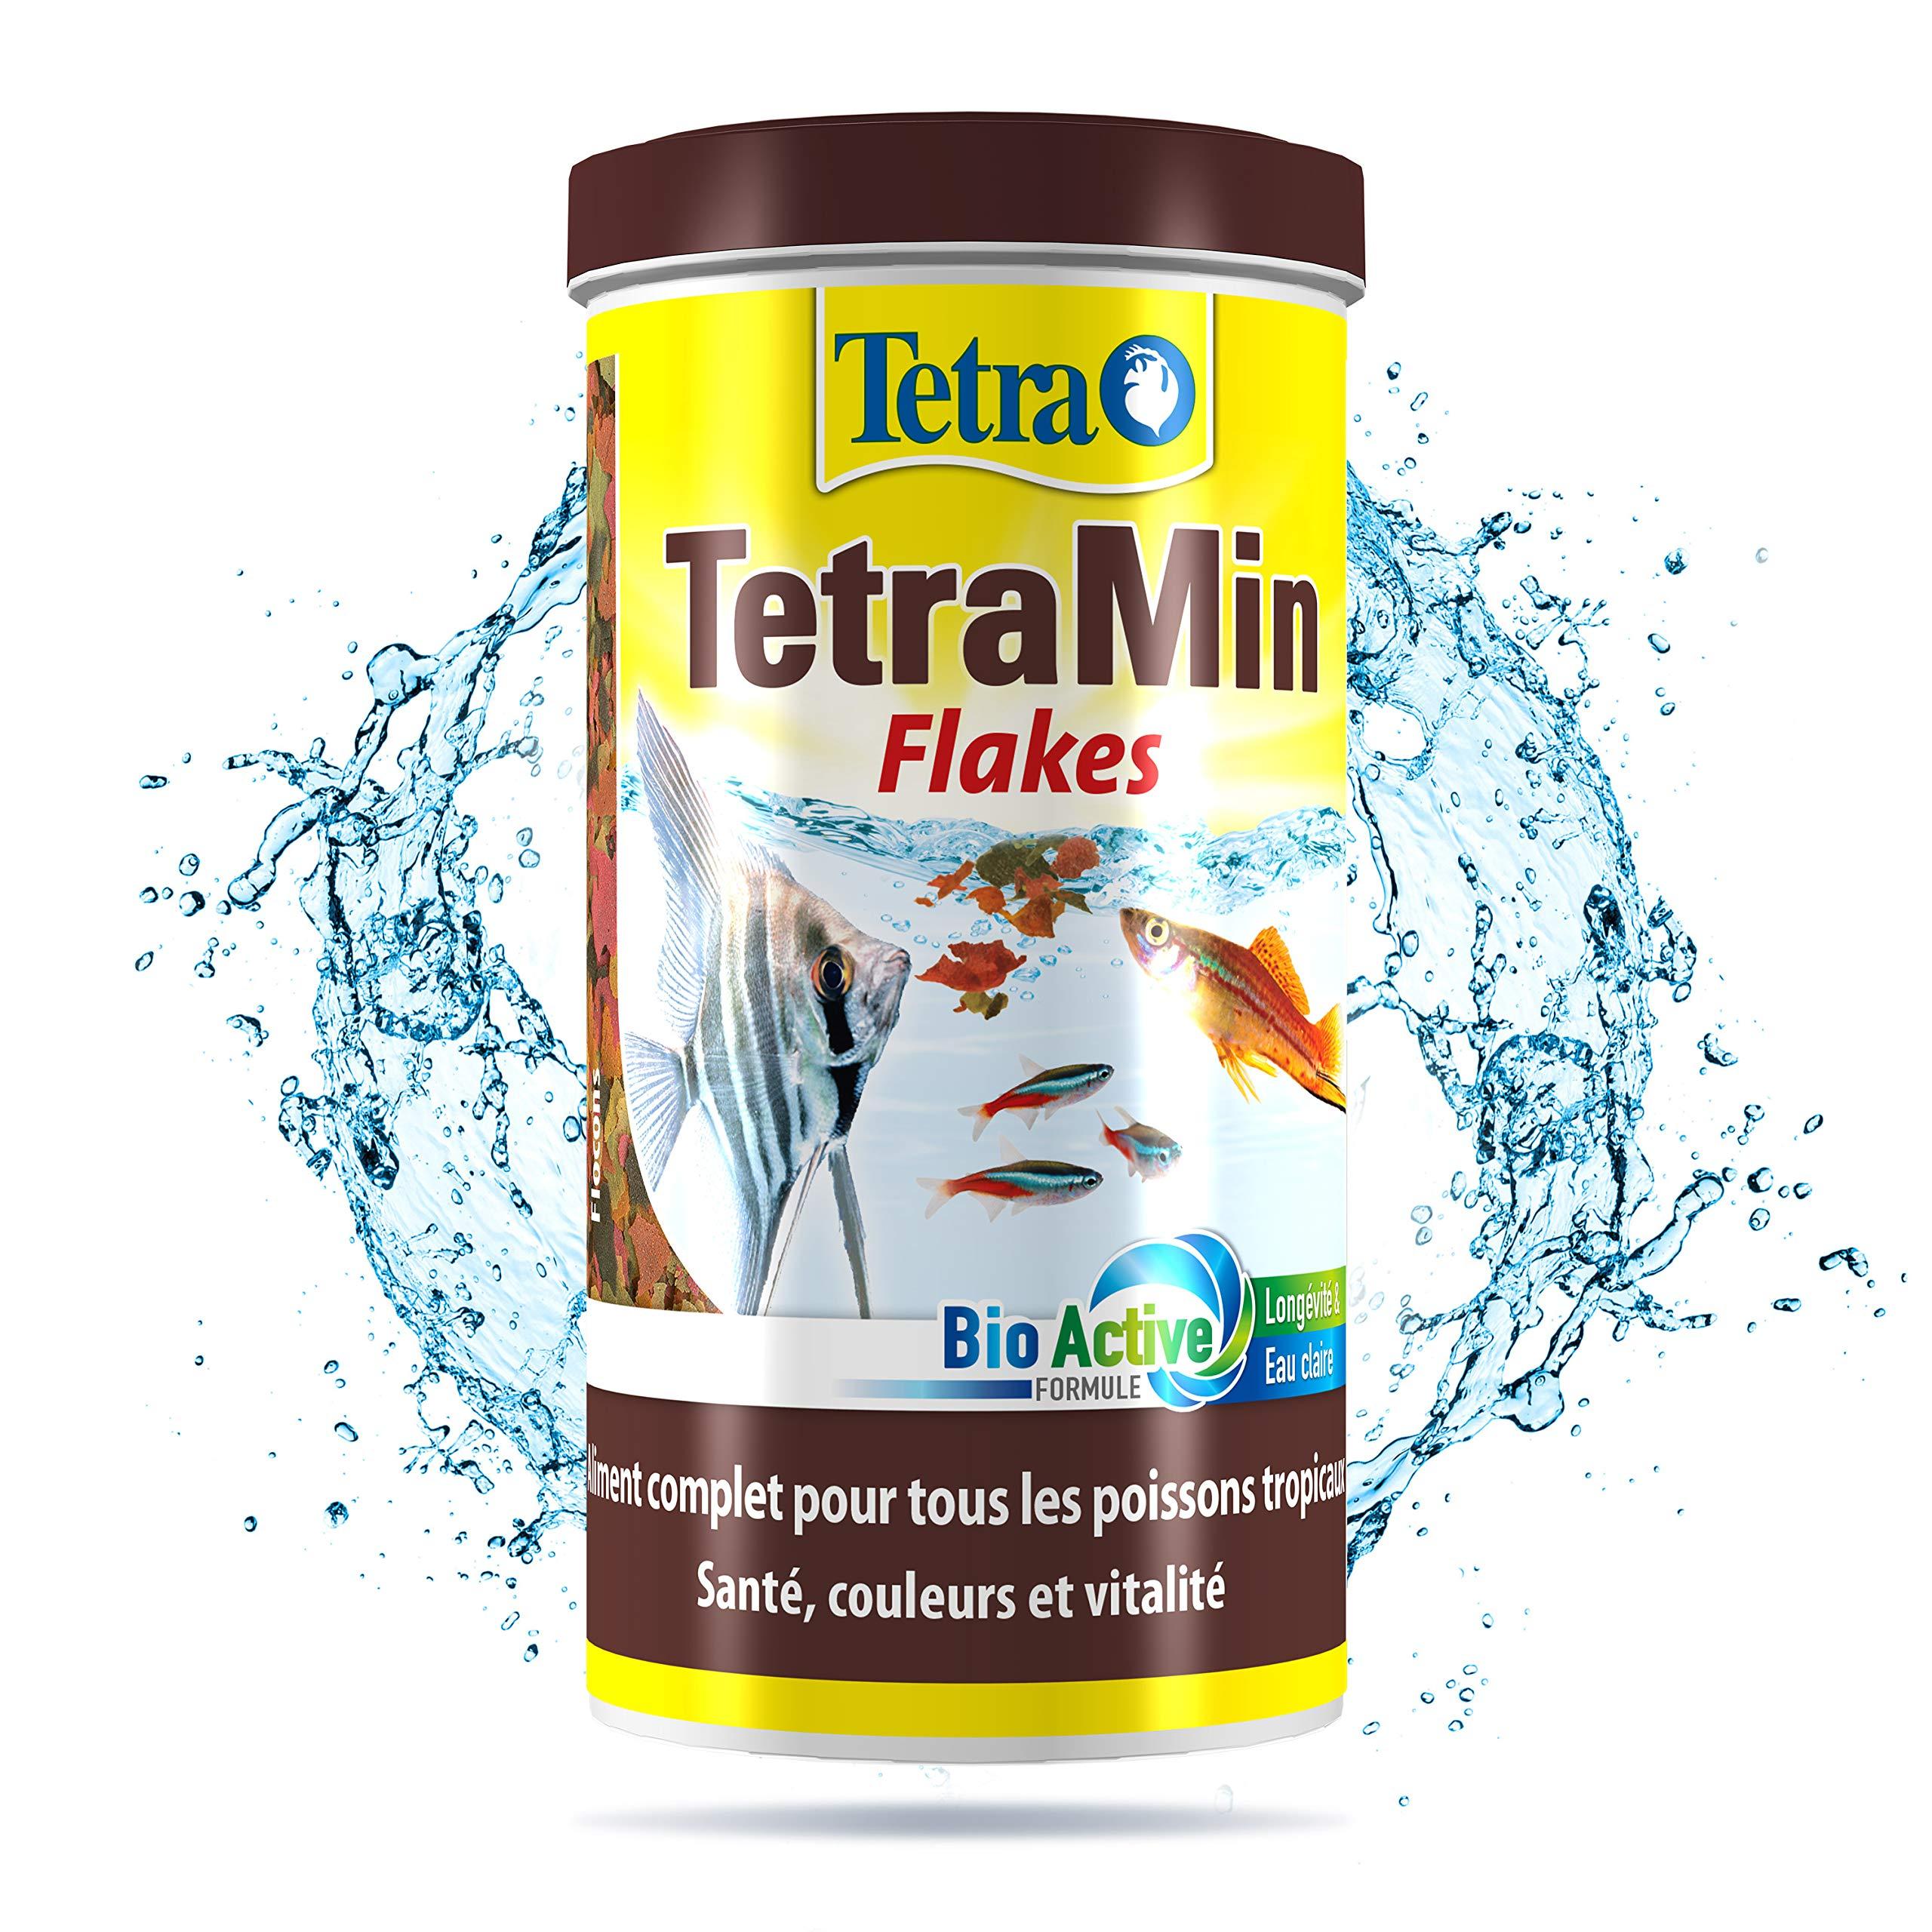 Tetra TetraMin - Aliments Premium Complet pour tous les Poissons Tropicaux - Favorise la Croissance la santé et la Longévité - Renforce la Couleur- en Flocons - 250 ml product image